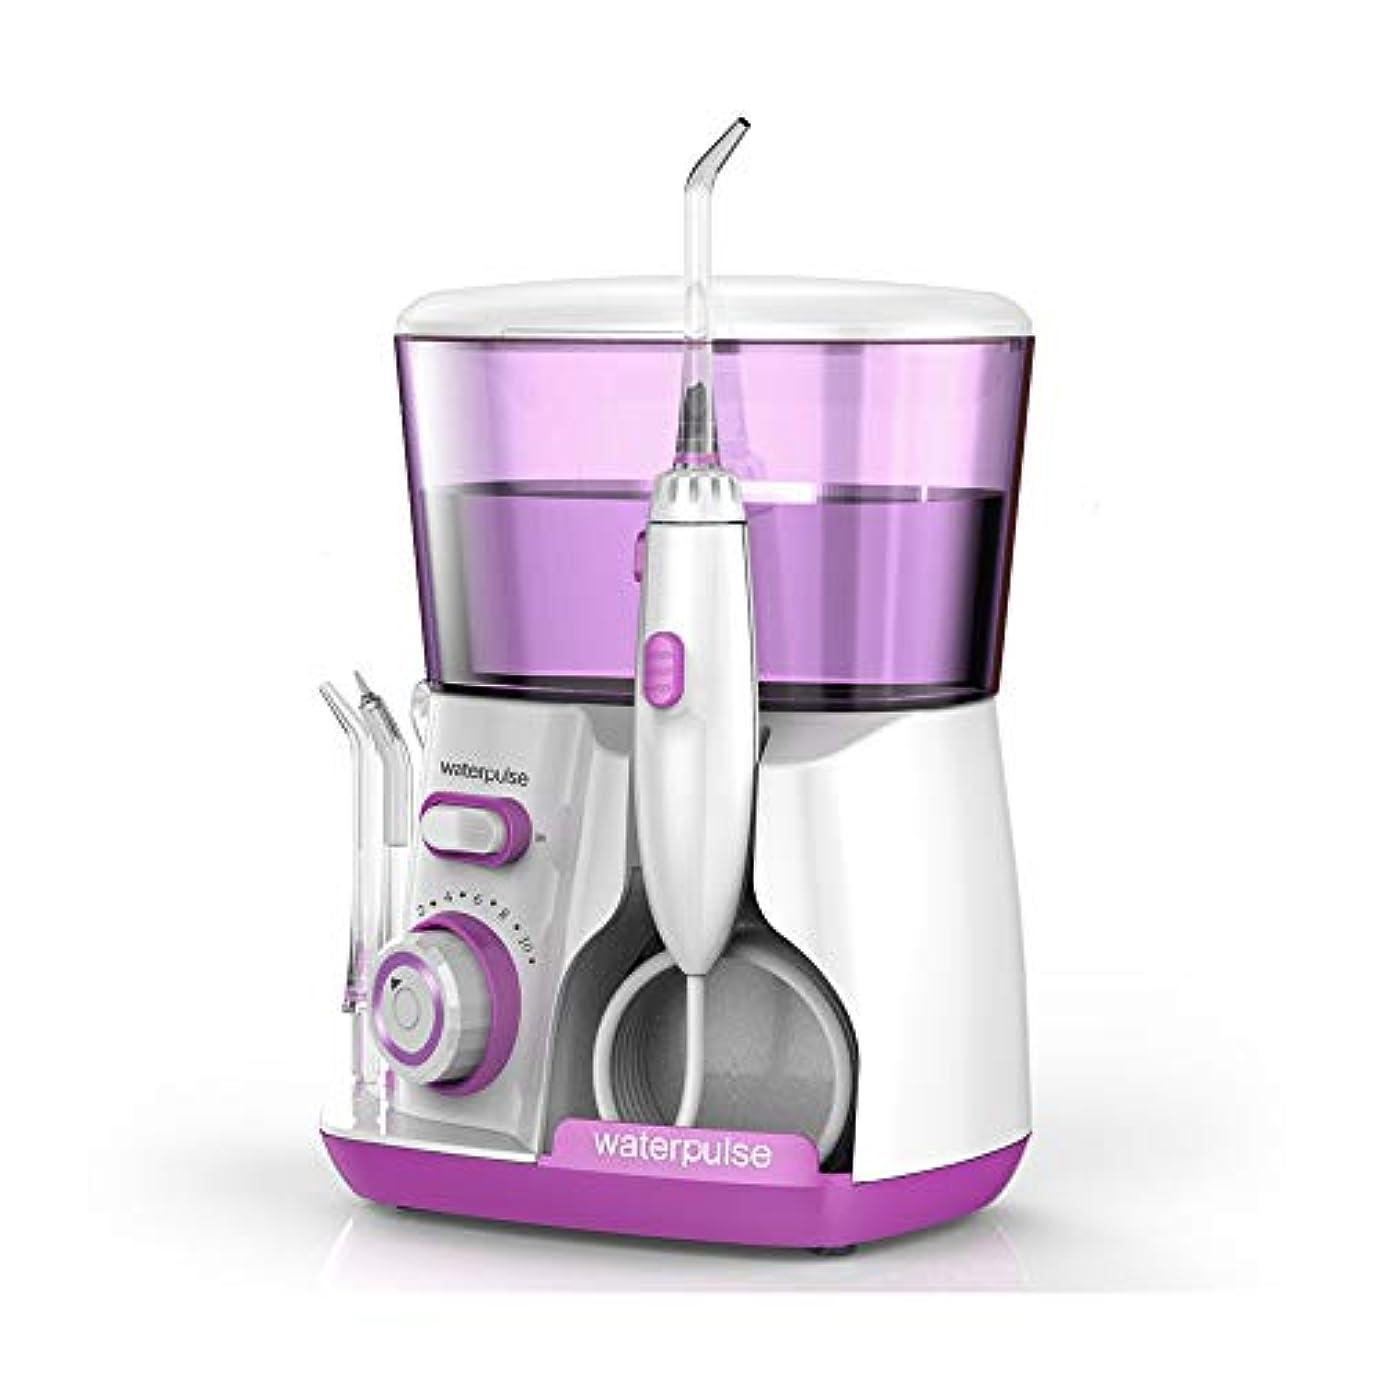 登山家ワゴン修正Loboo Idea V300 赤い歯洗濯機水フロスデンタルクリーナー口腔洗浄器、自由に調整可能な10種類の歯車、5種類のノズルを含む、歯の清掃が360度容易、あなたの歯のニーズを満たすために (V300R, 紫色)